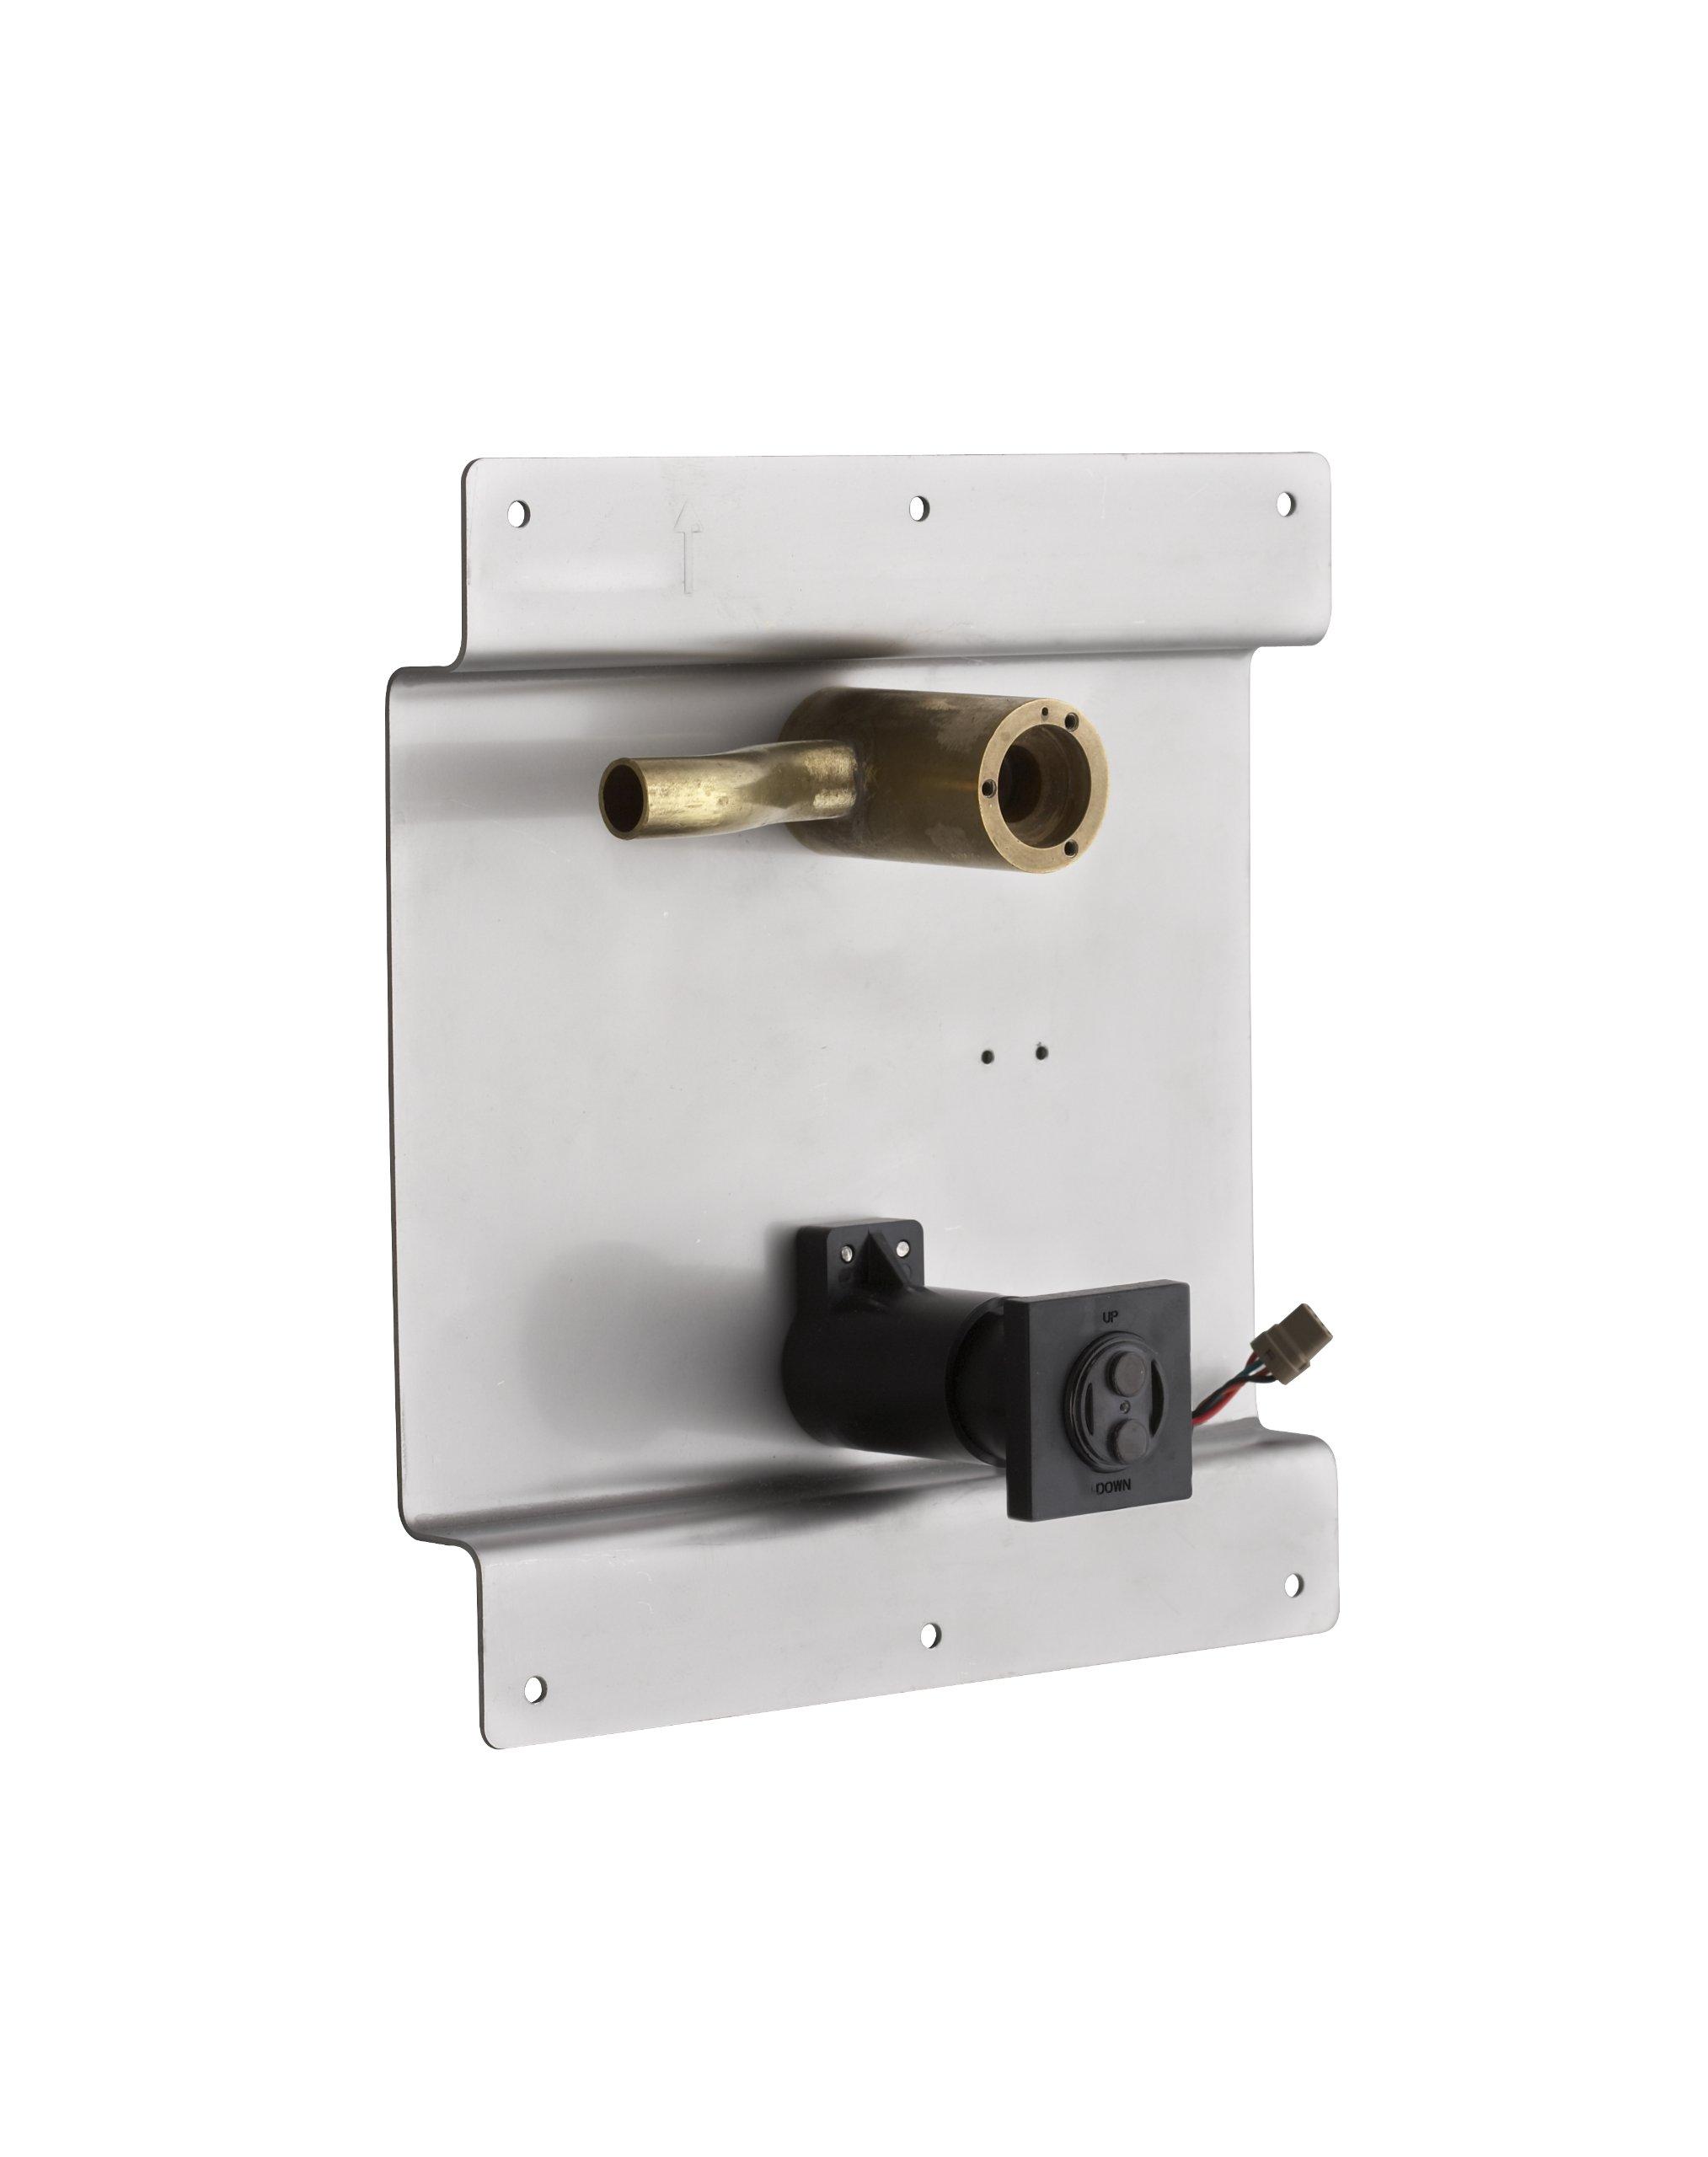 KOHLER K-11831-NA Square Hybrid Control Kit by Kohler